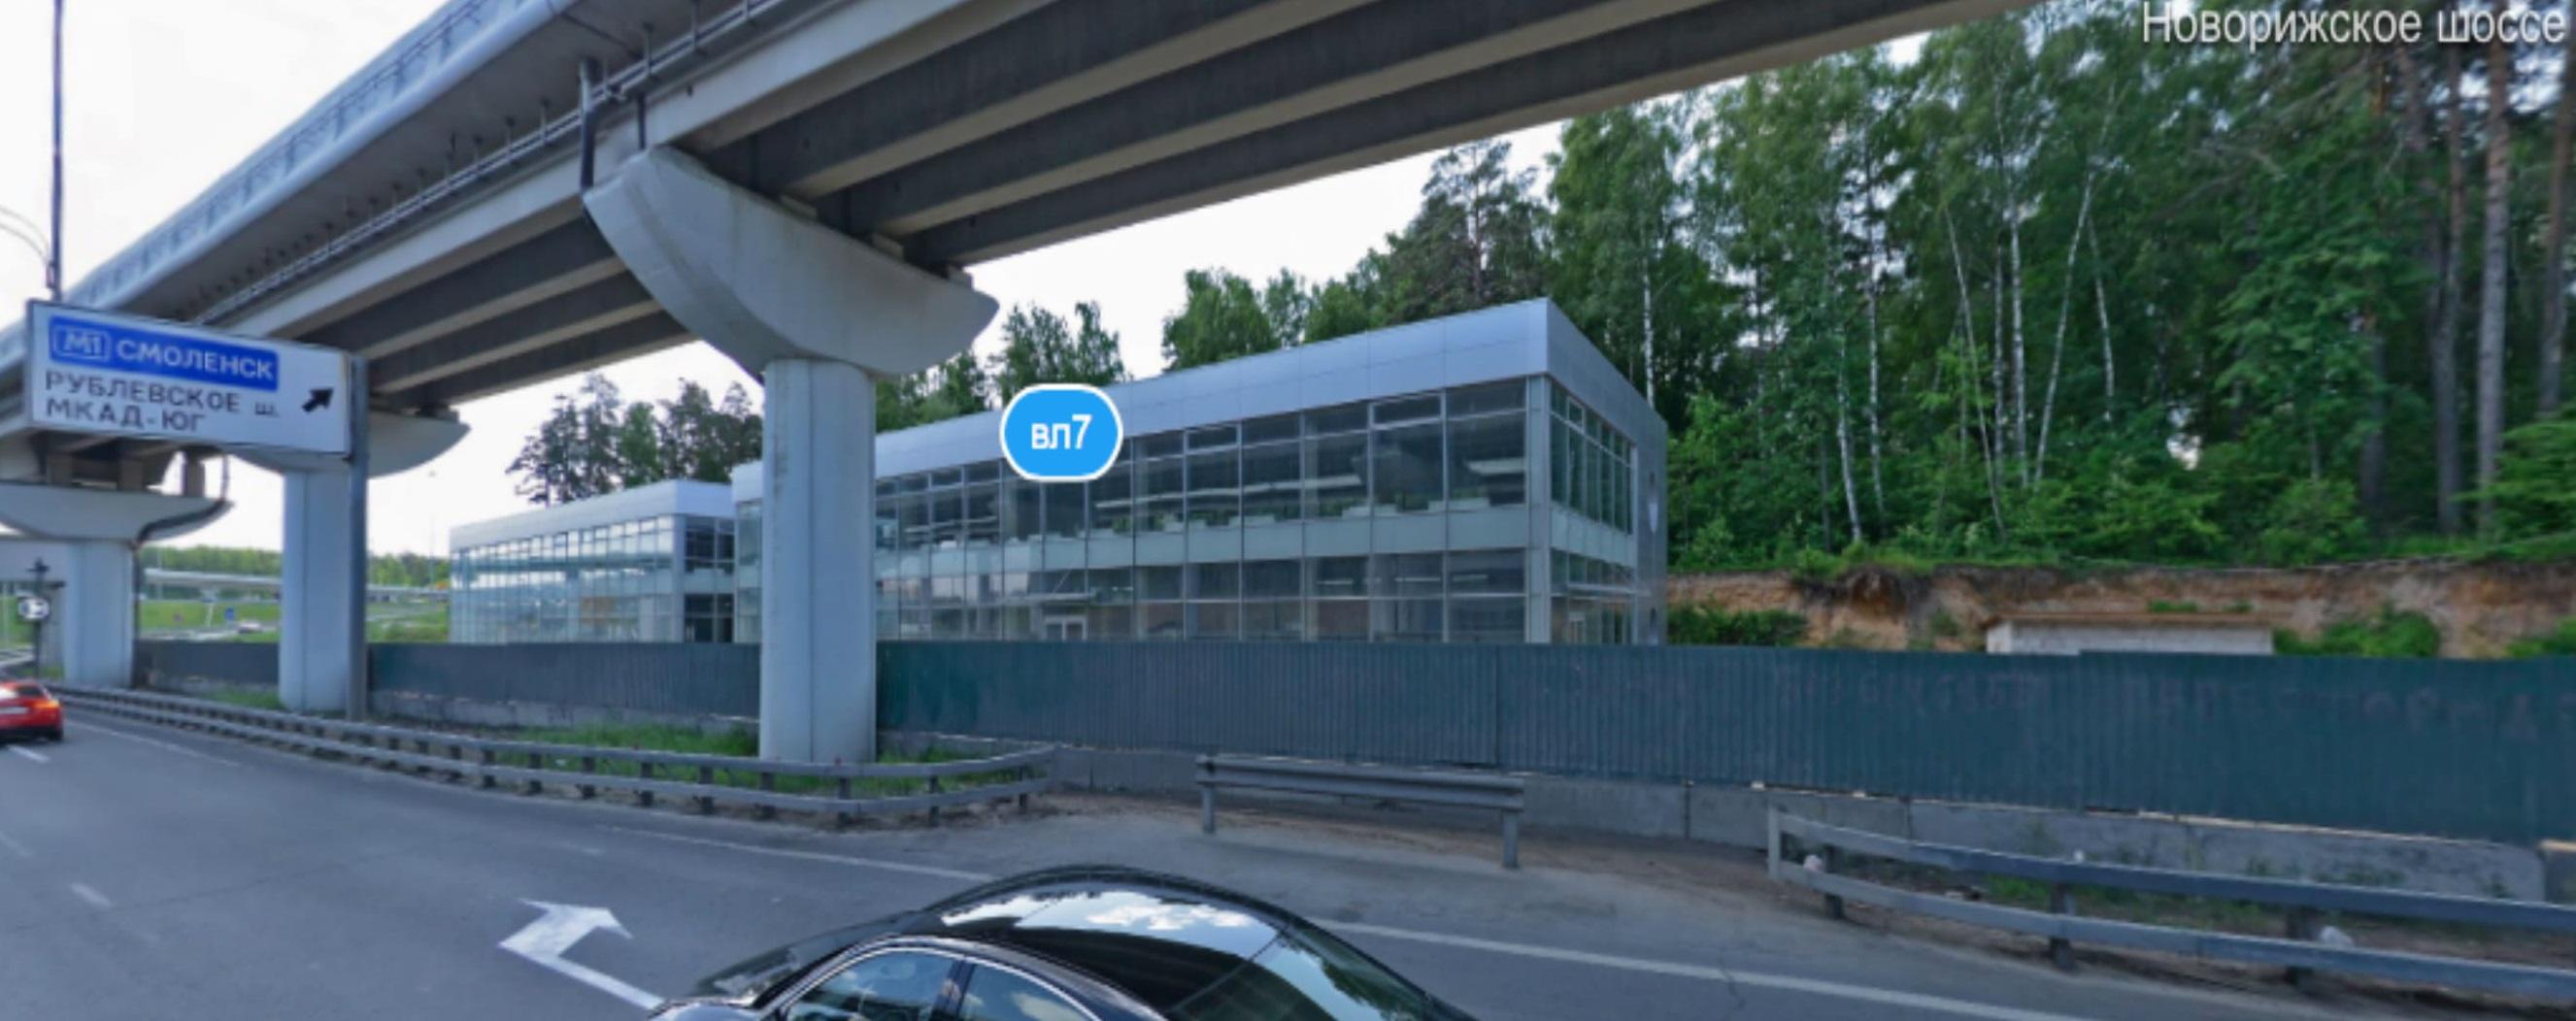 МО, Одинцовский район, Новорижское шоссе 17 км, строение 1 и строение 2, Комплекс придорожного обслуживания 564231 564231